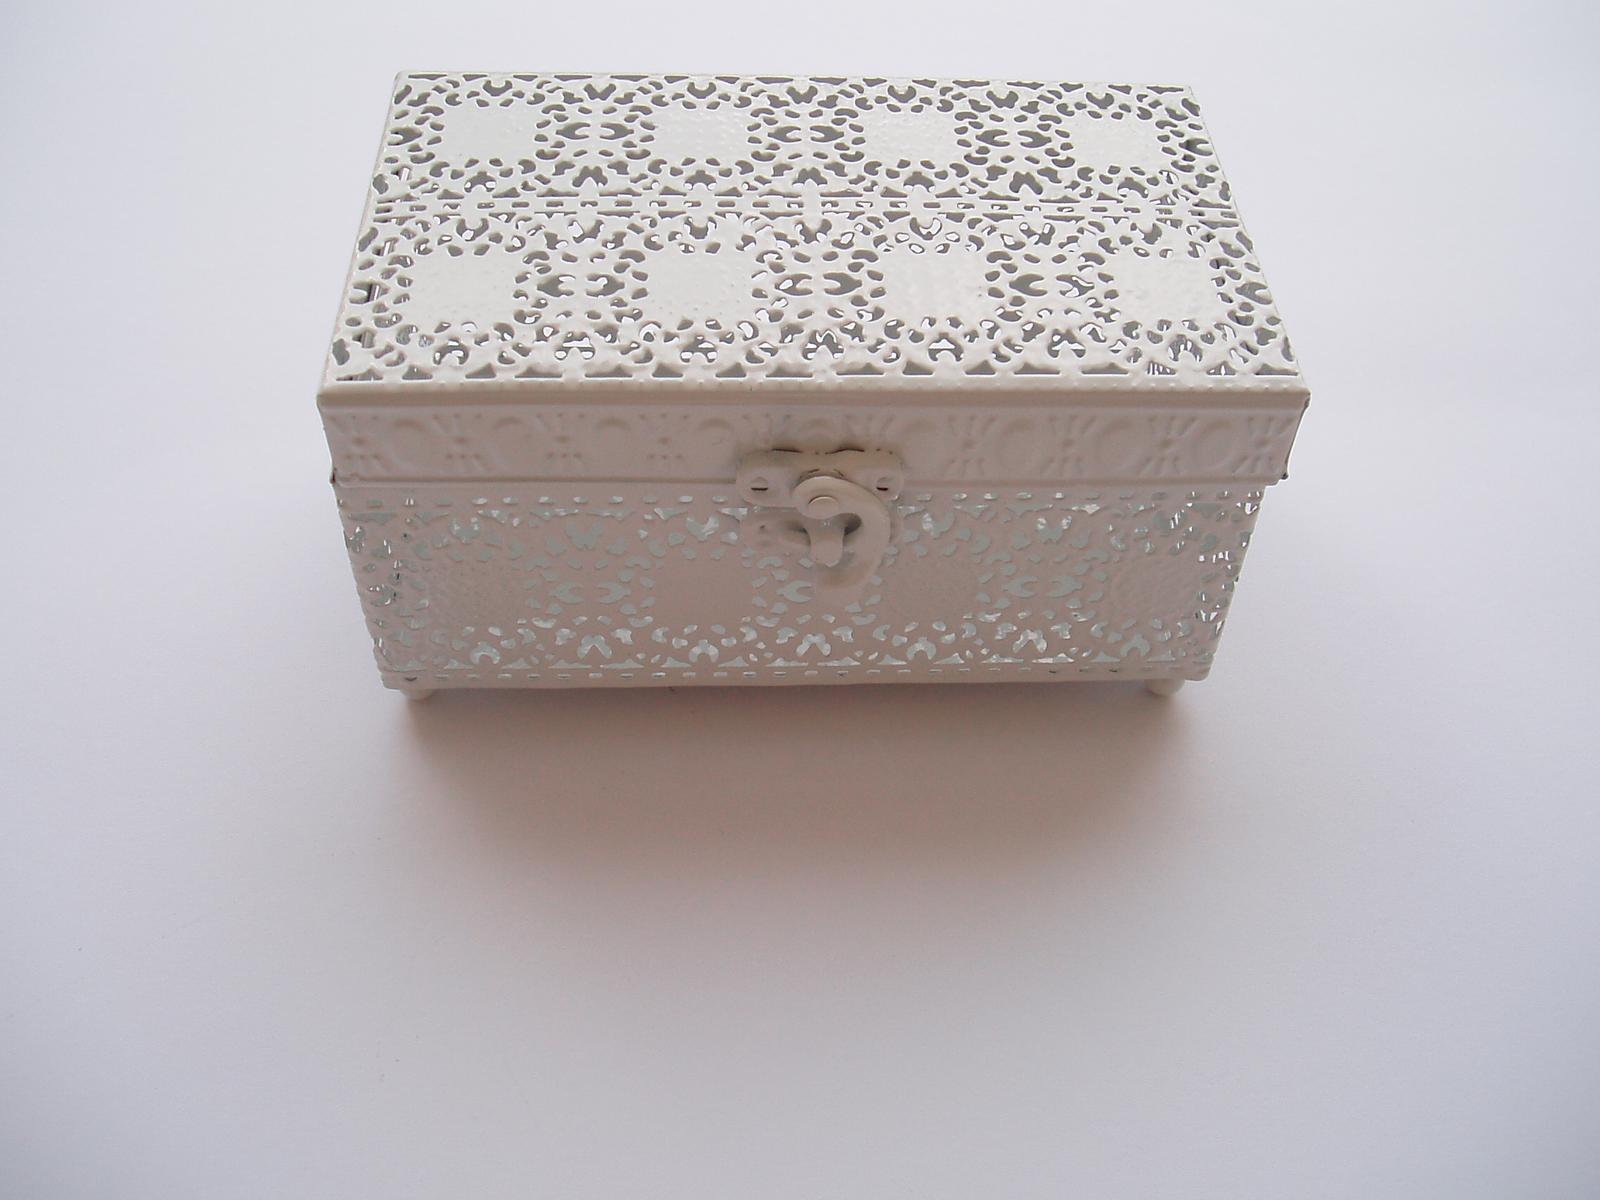 kovová krabička na prstýnky - Obrázek č. 1